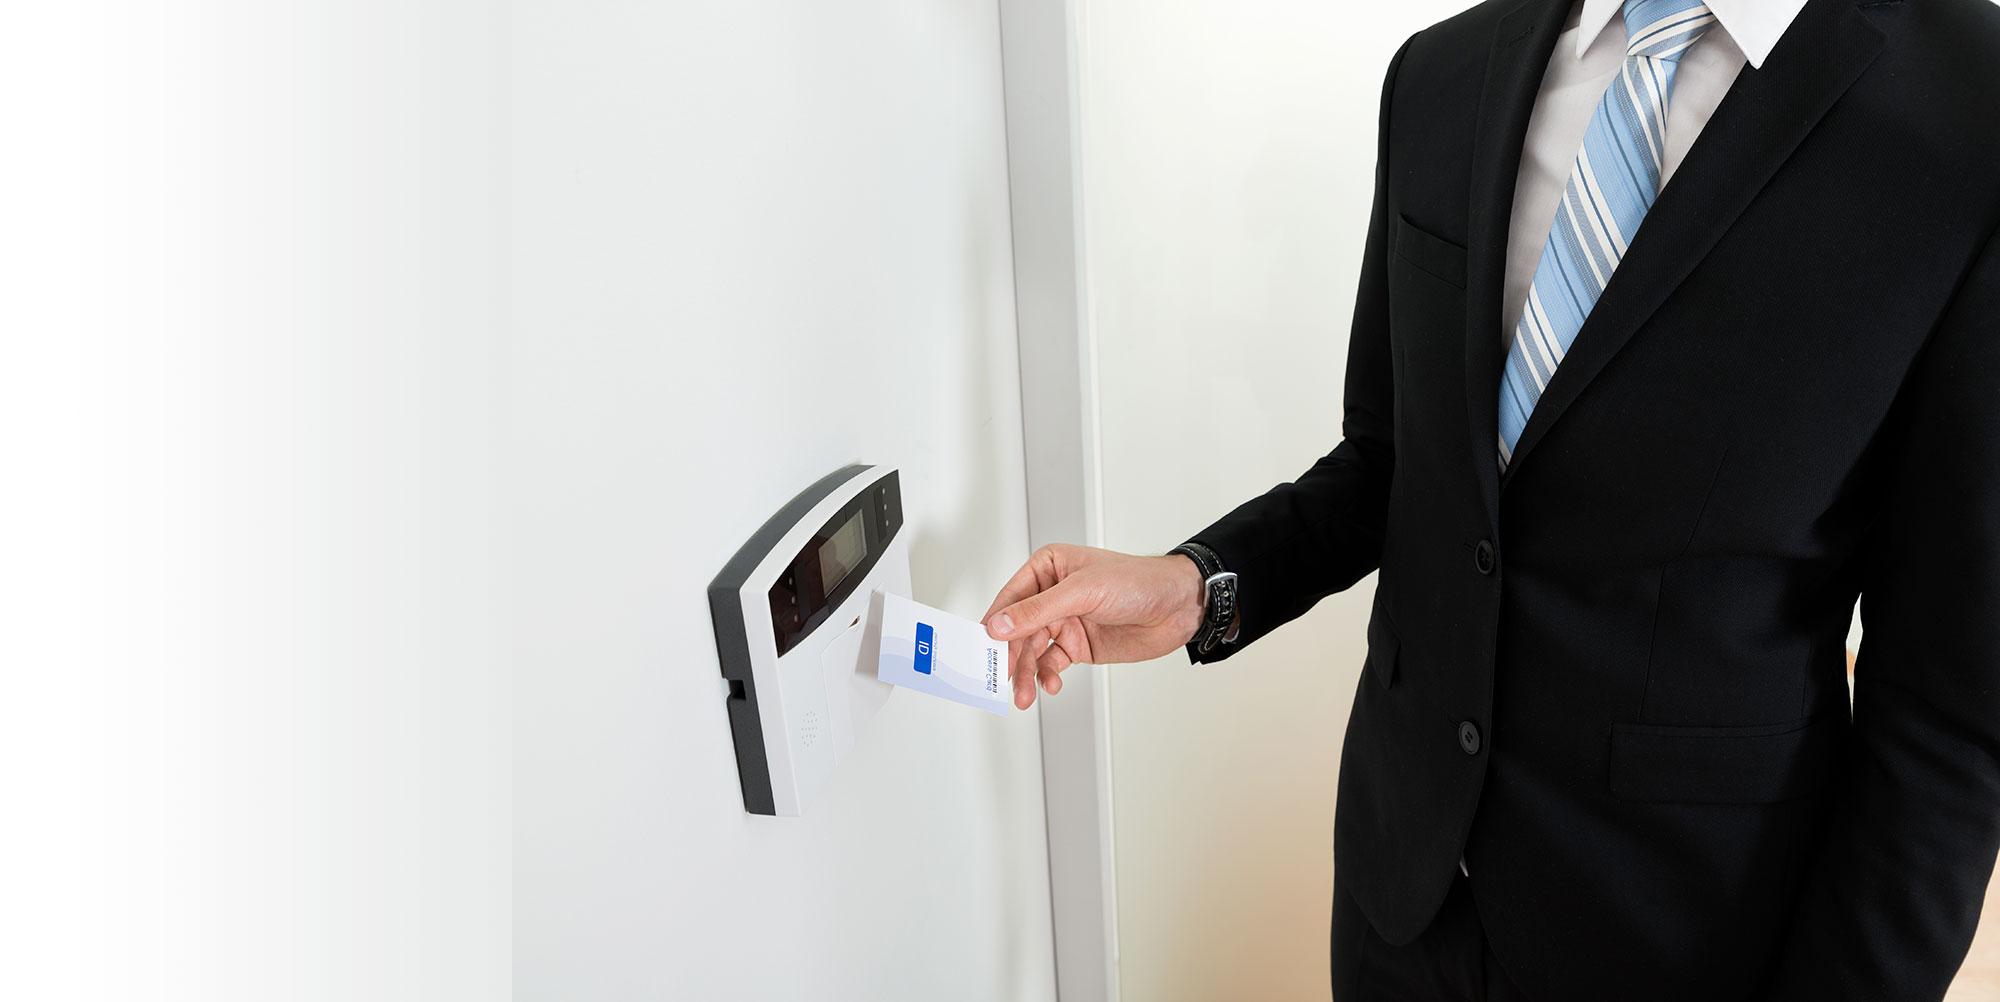 Softer - Controllo accessi e rilevazione presenze